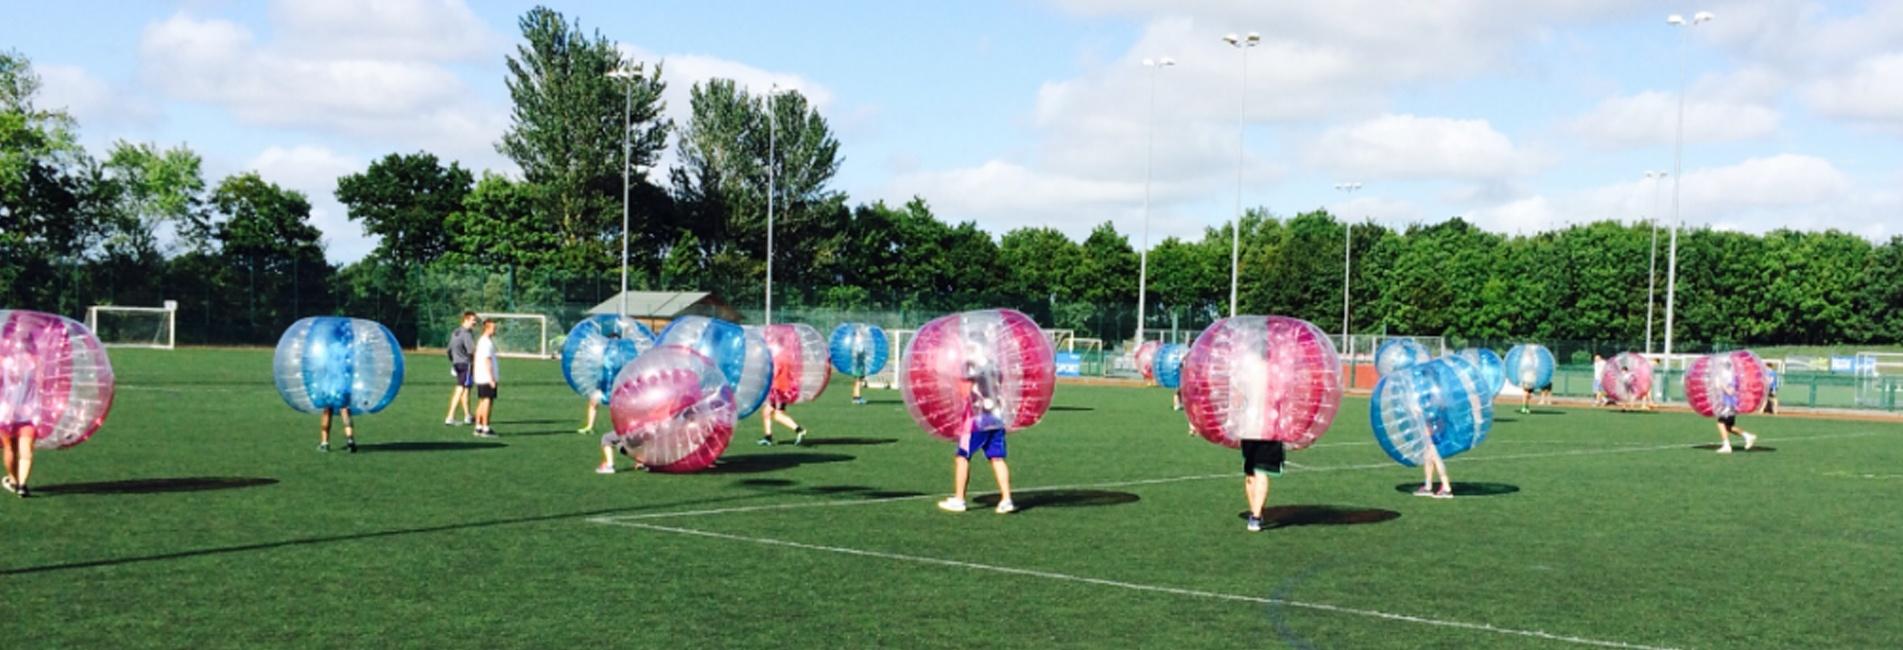 Bubble Football faq's leisure activities